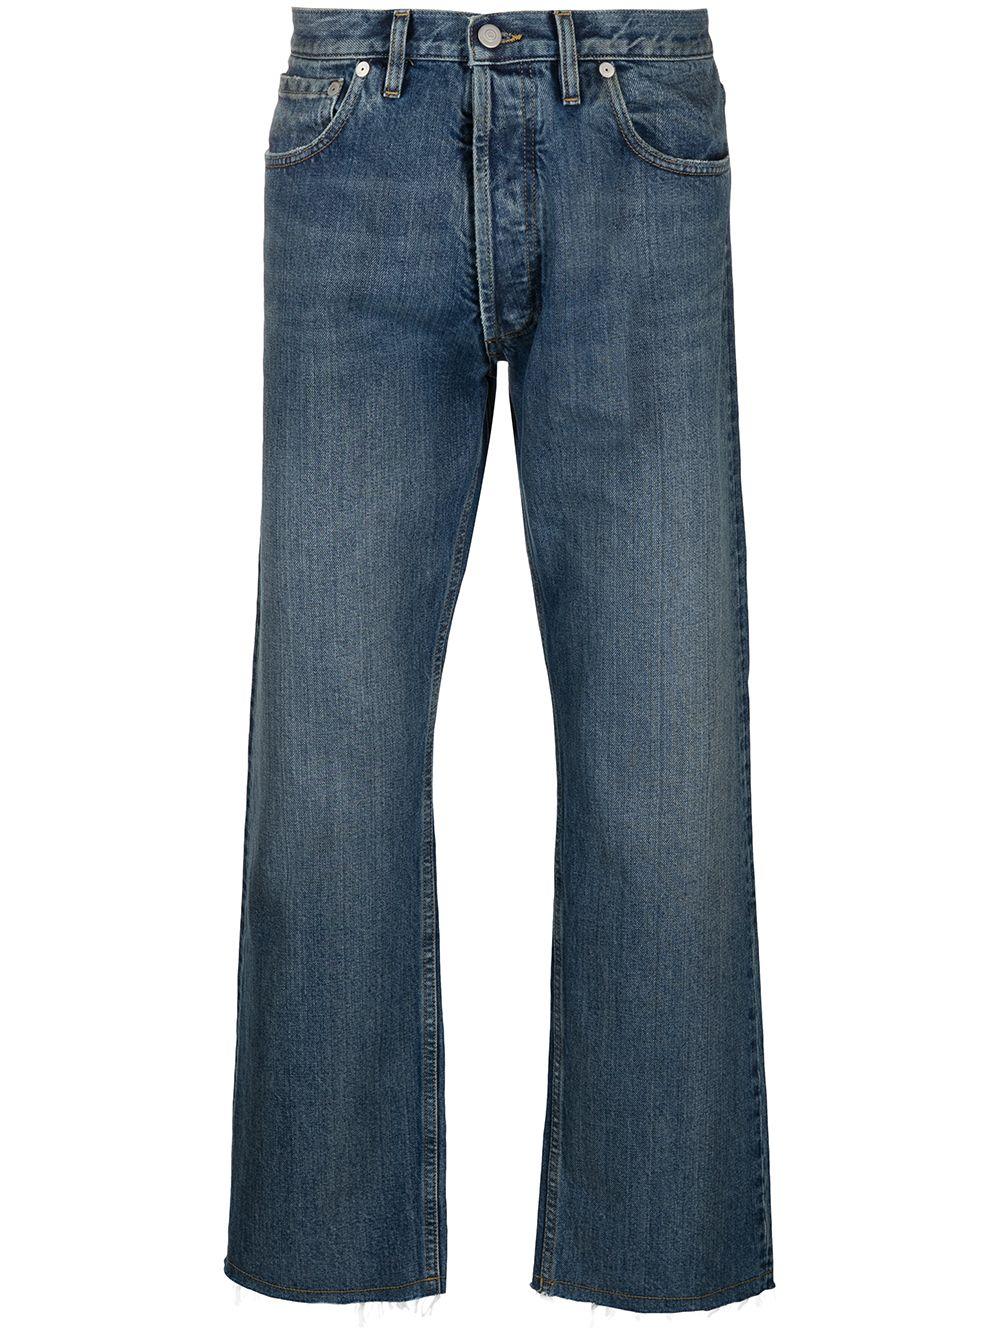 MAISON MARGIELA | Jeans | S50LA0179 S30736961